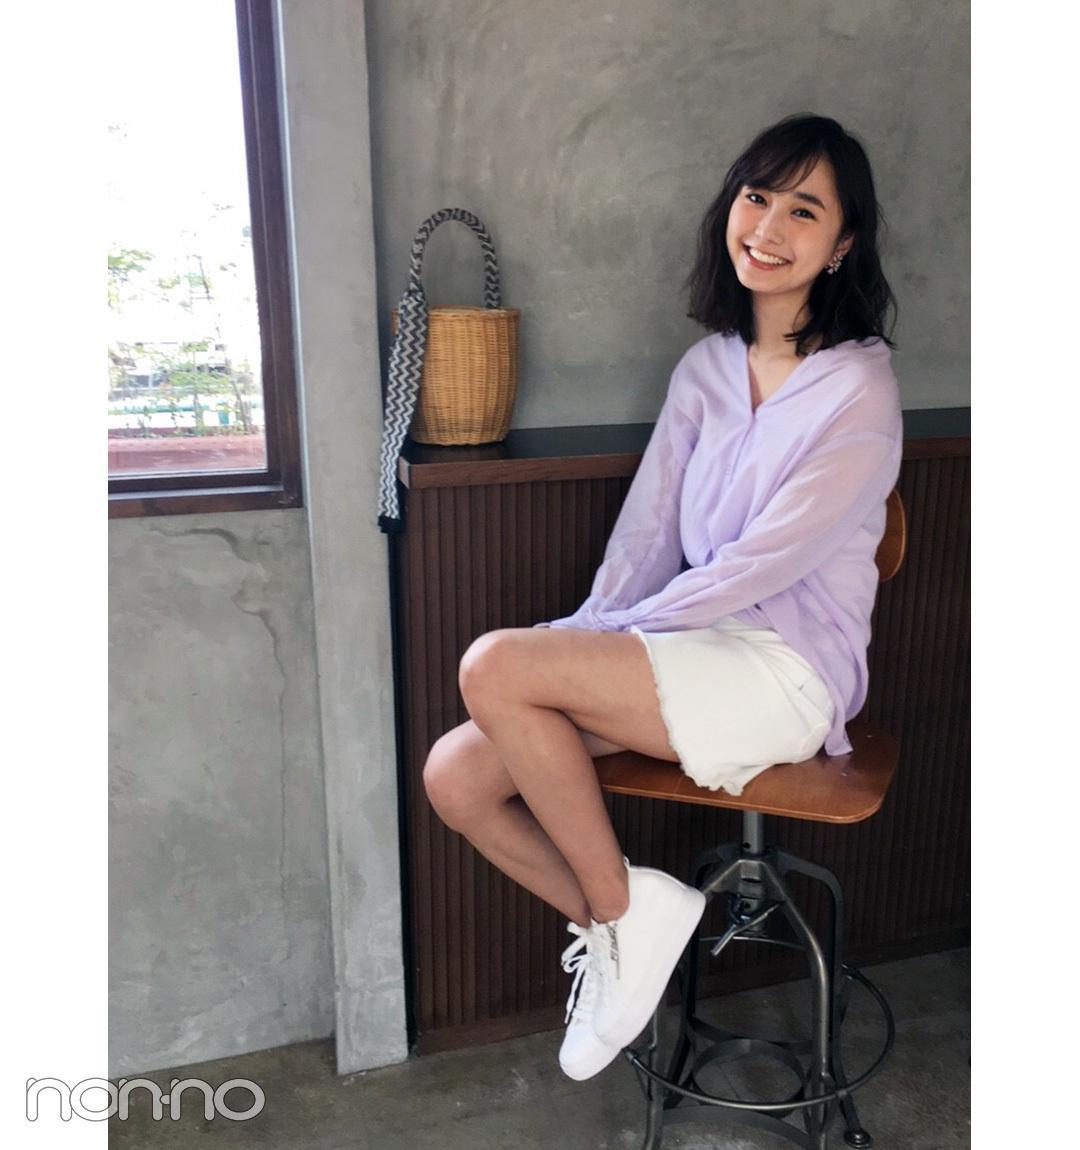 鈴木友菜はきれいめ透け感シャツで、ミニスカコーデをアップデート【毎日コーデ】_1_1